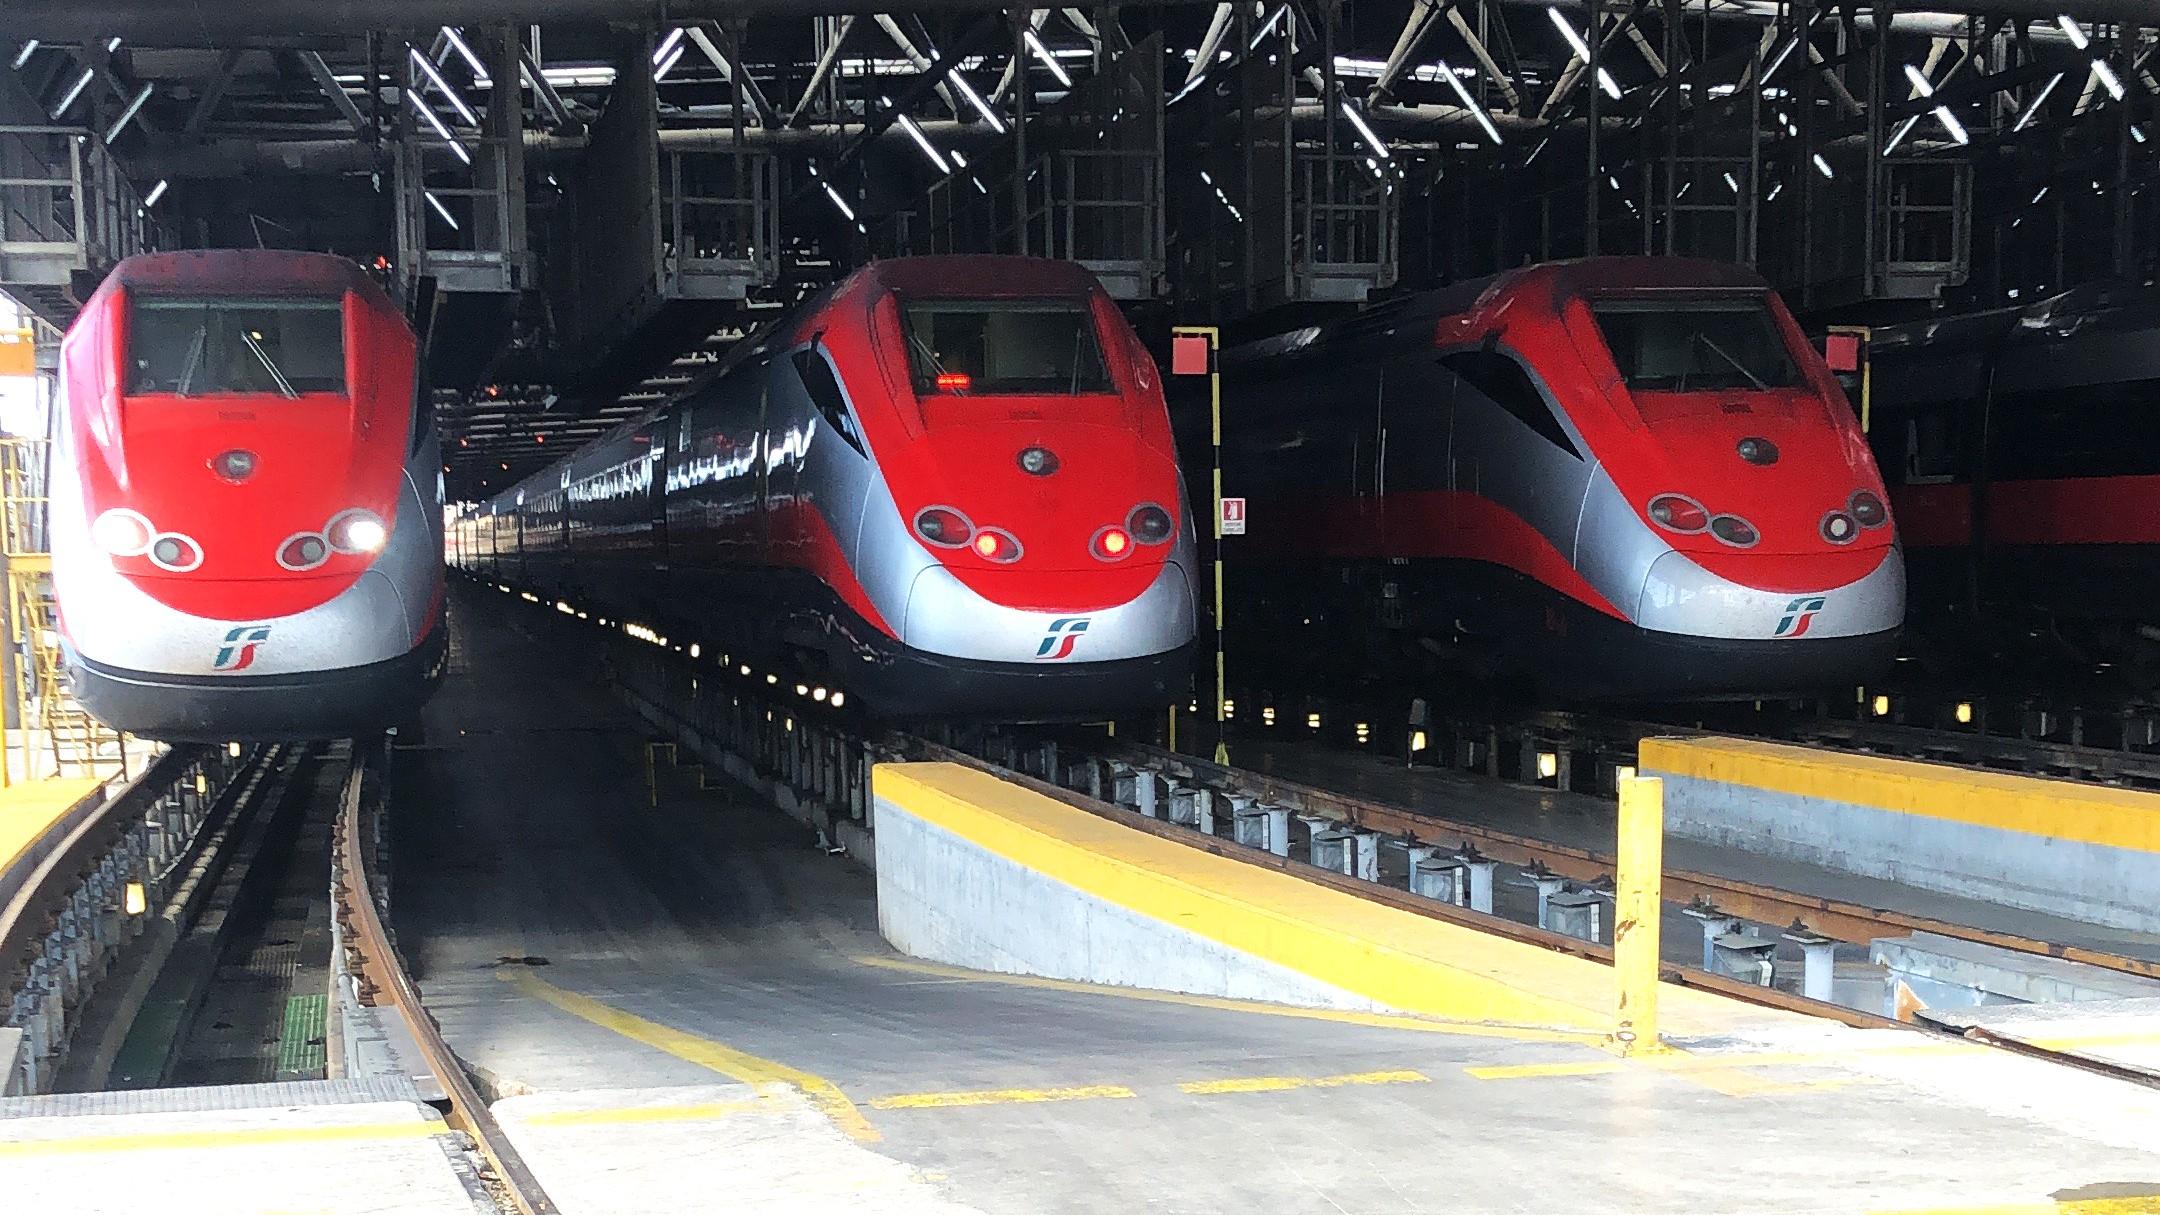 Trenitalia ETR500 Frecciarossa in depot